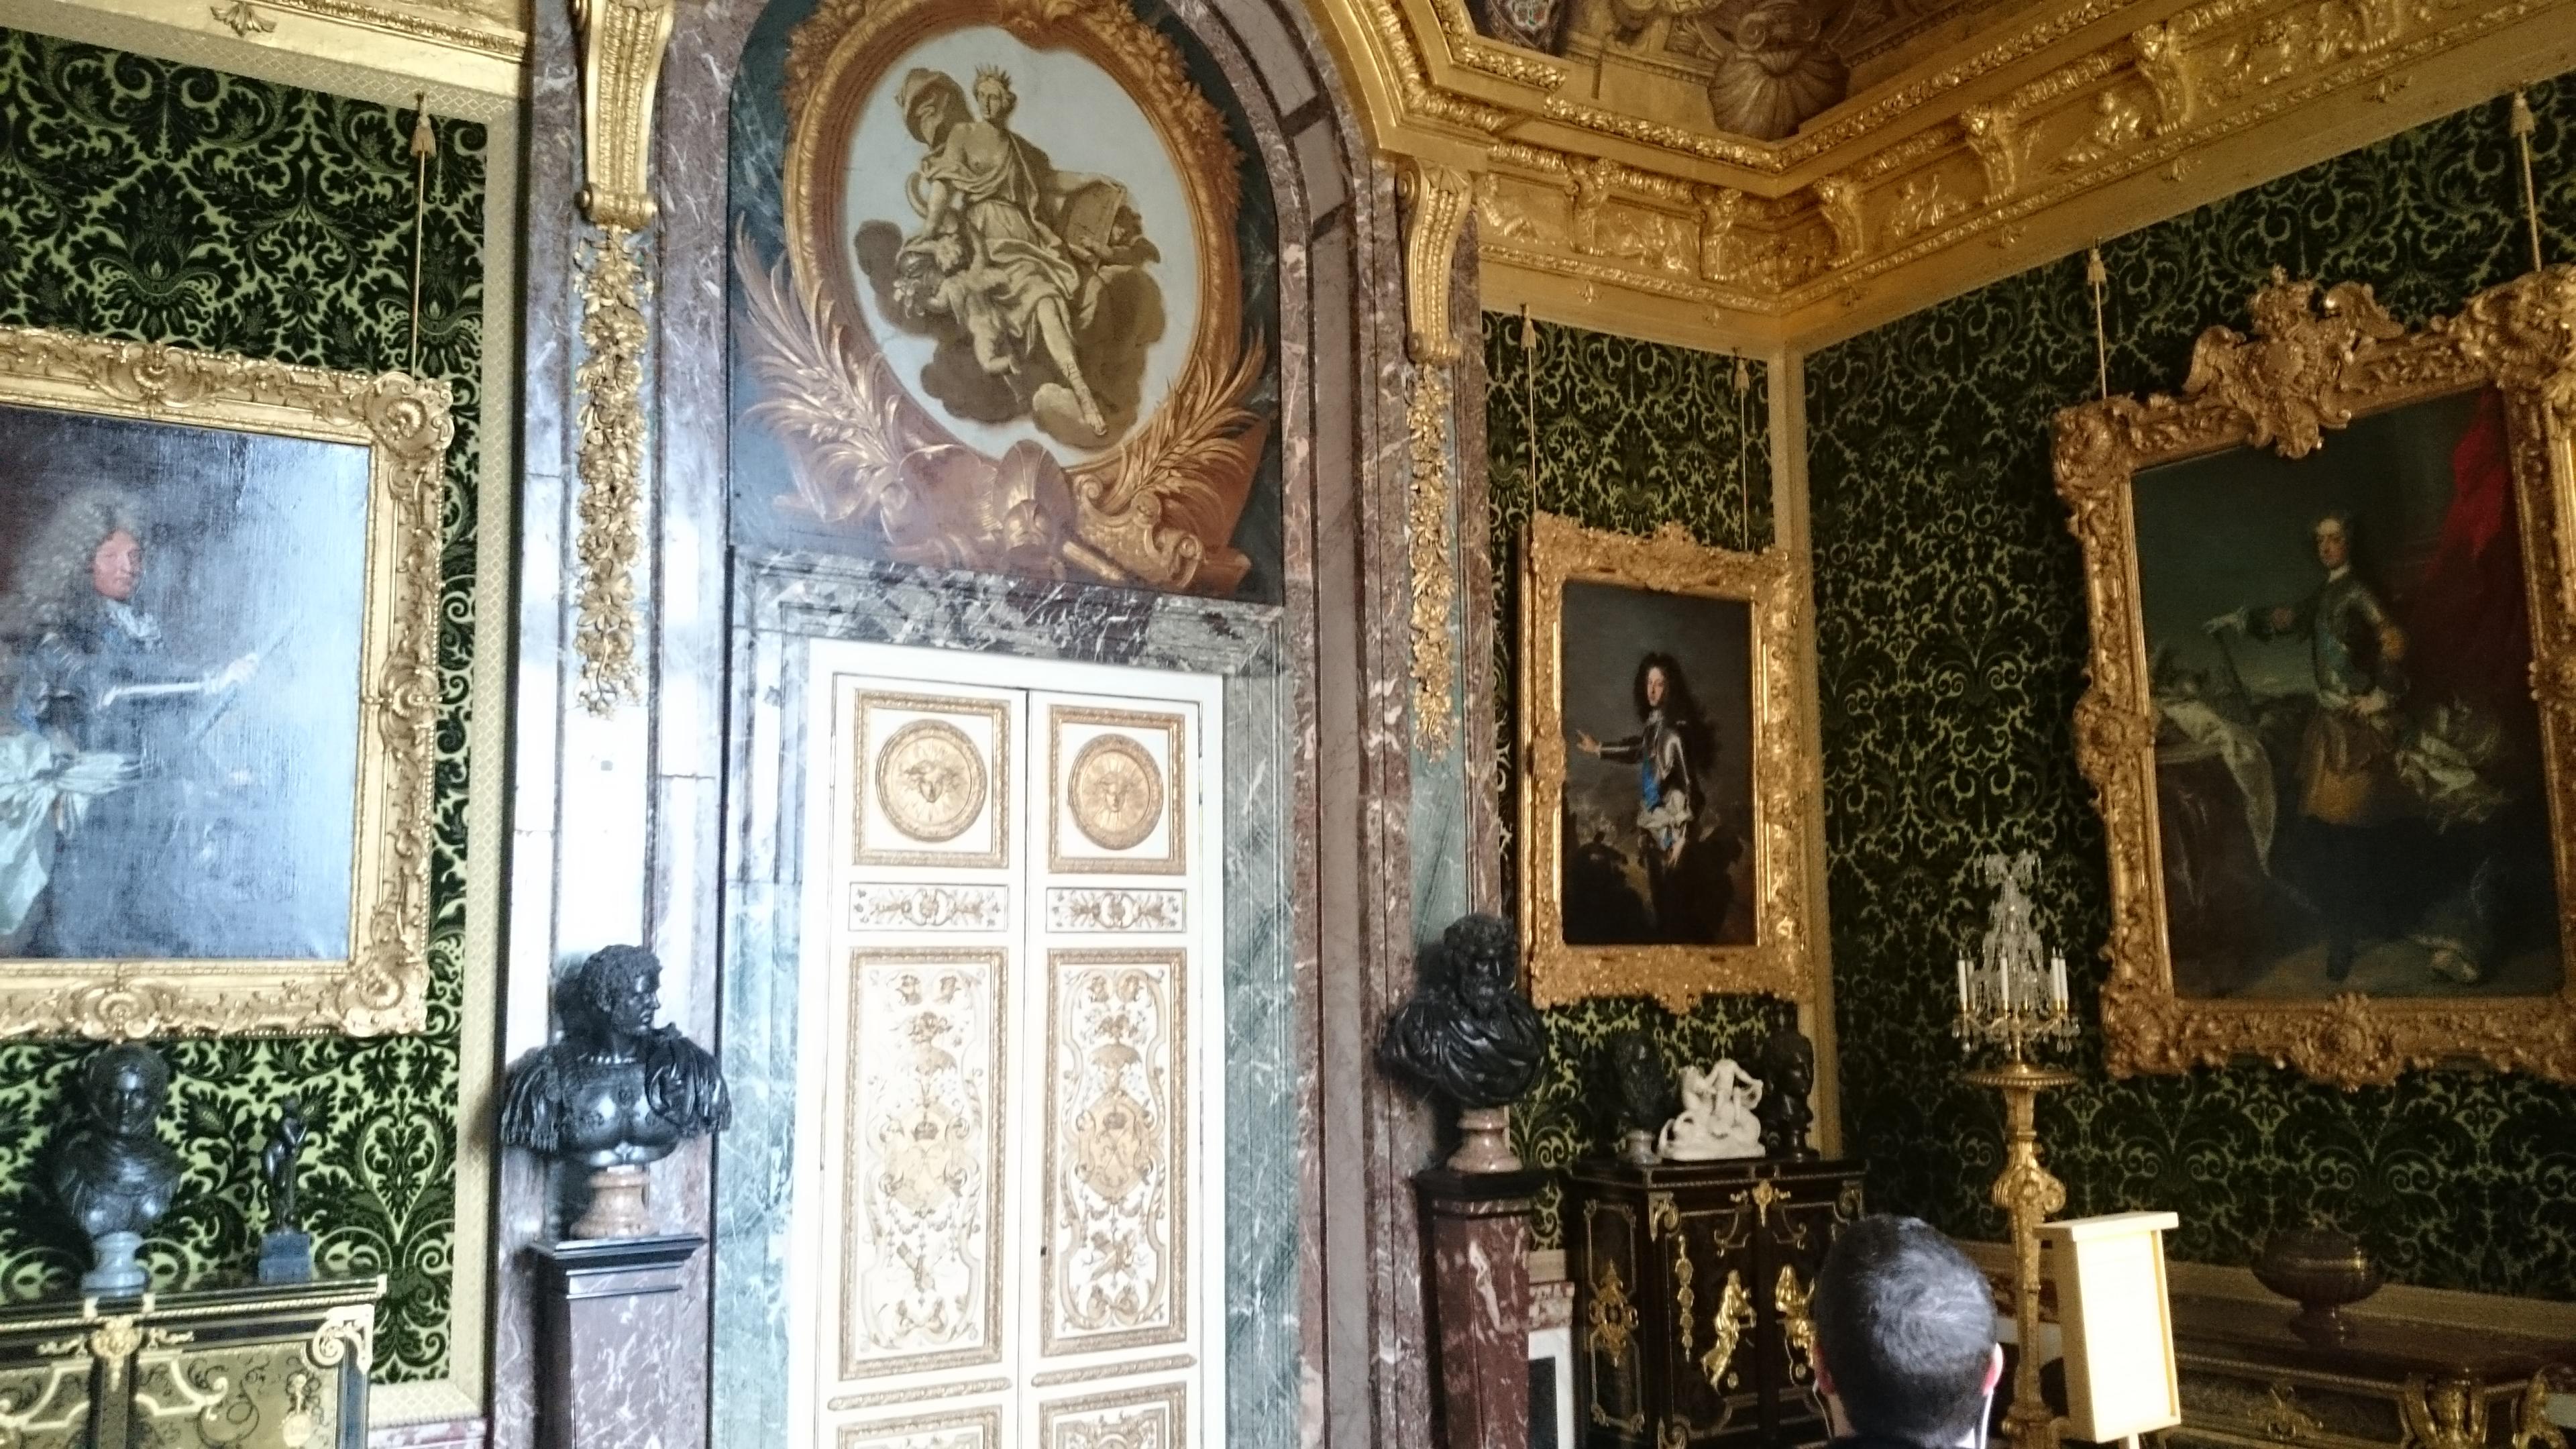 dsc 13371 - Visita al Palacio de Versalles: Como ir, cuanto cuesta y tips III/III